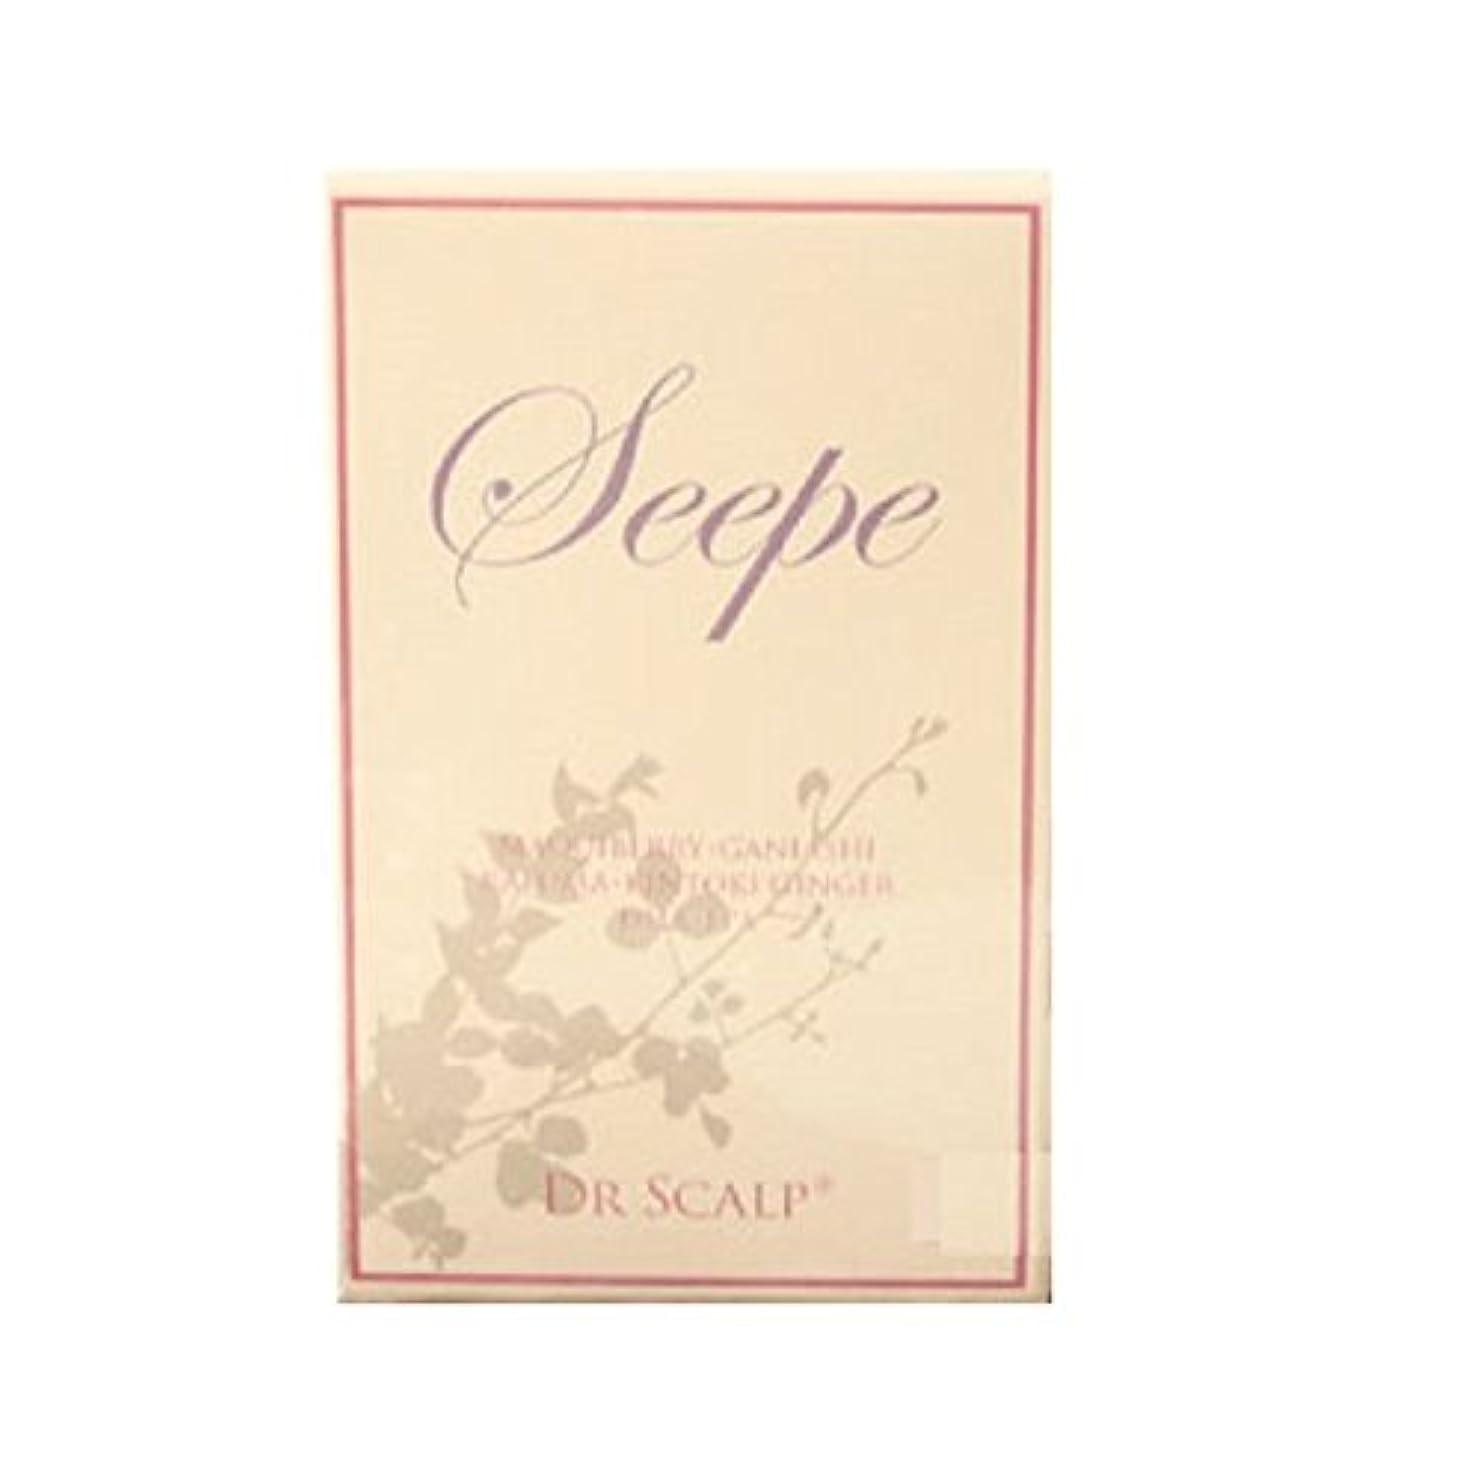 恐れ野望にはまってドクタースカルプ DR.SCALP(ドクタースカルプ)SEEPE(シープ) (サプリメント)※プロジェクトサプリメントのリニューアル商品です《60粒》